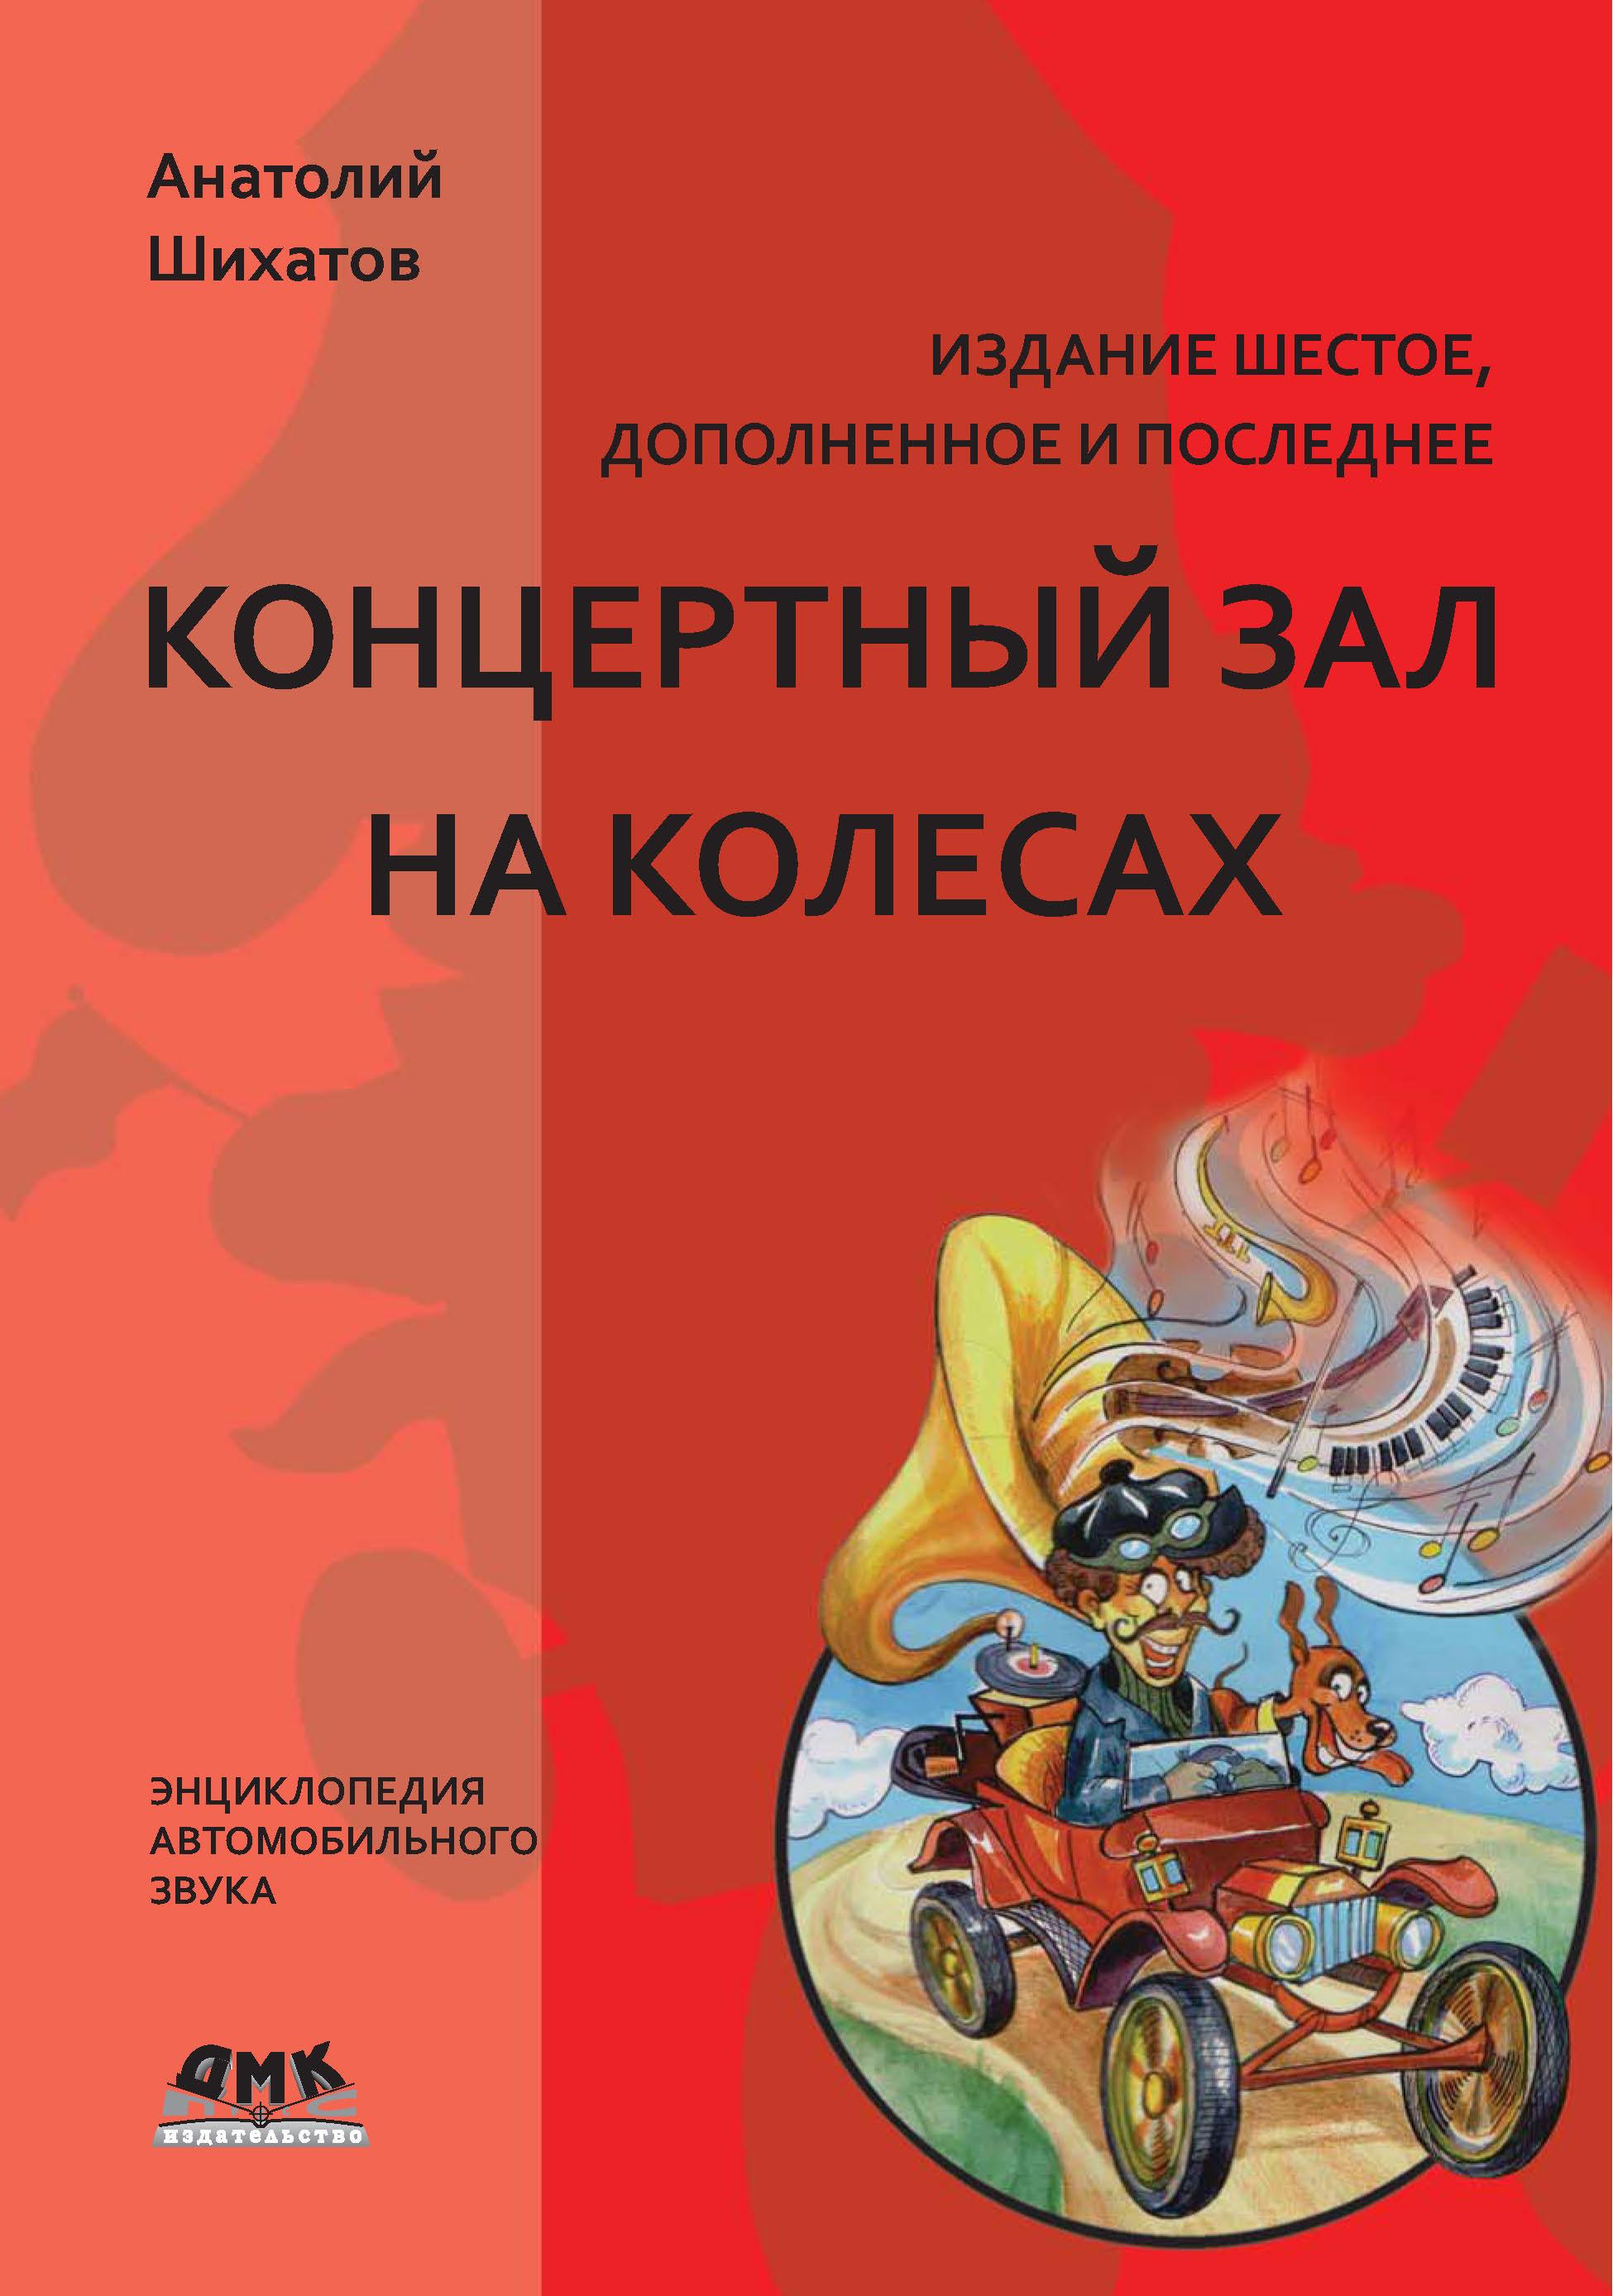 Анатолий Шихатов Концертный зал на колесах